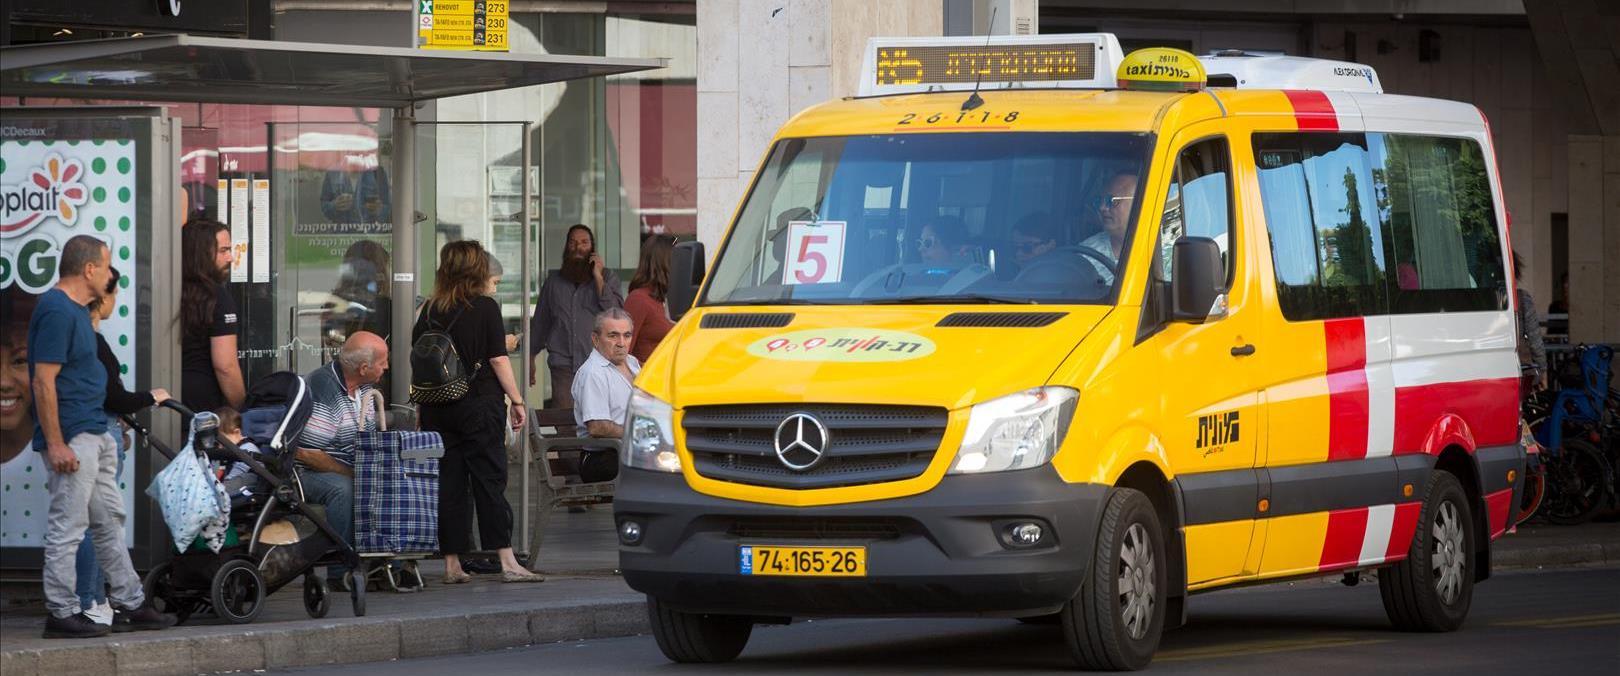 מונית שירות בתל אביב